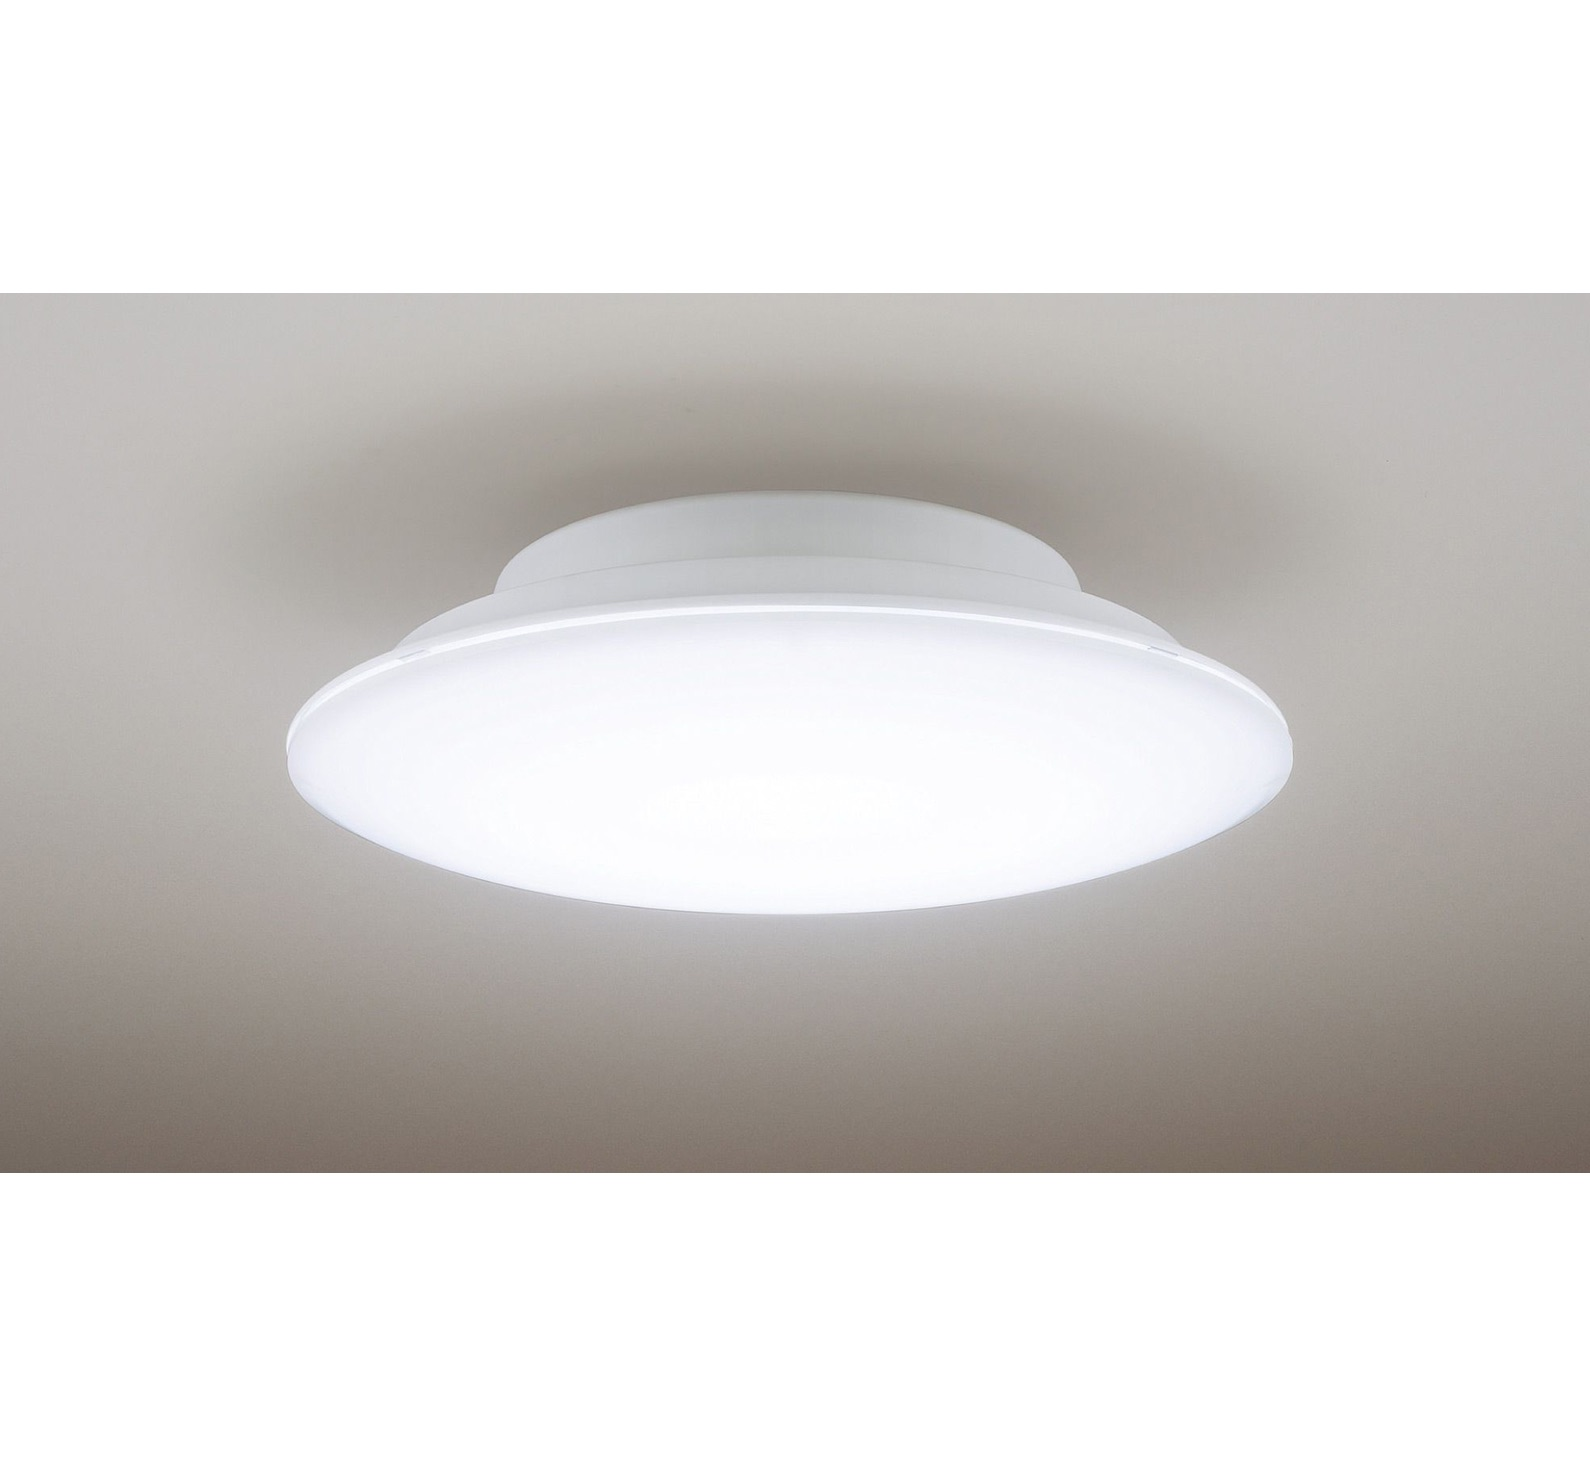 パナソニック、蛍光灯からの器具交換が容易なLEDライト